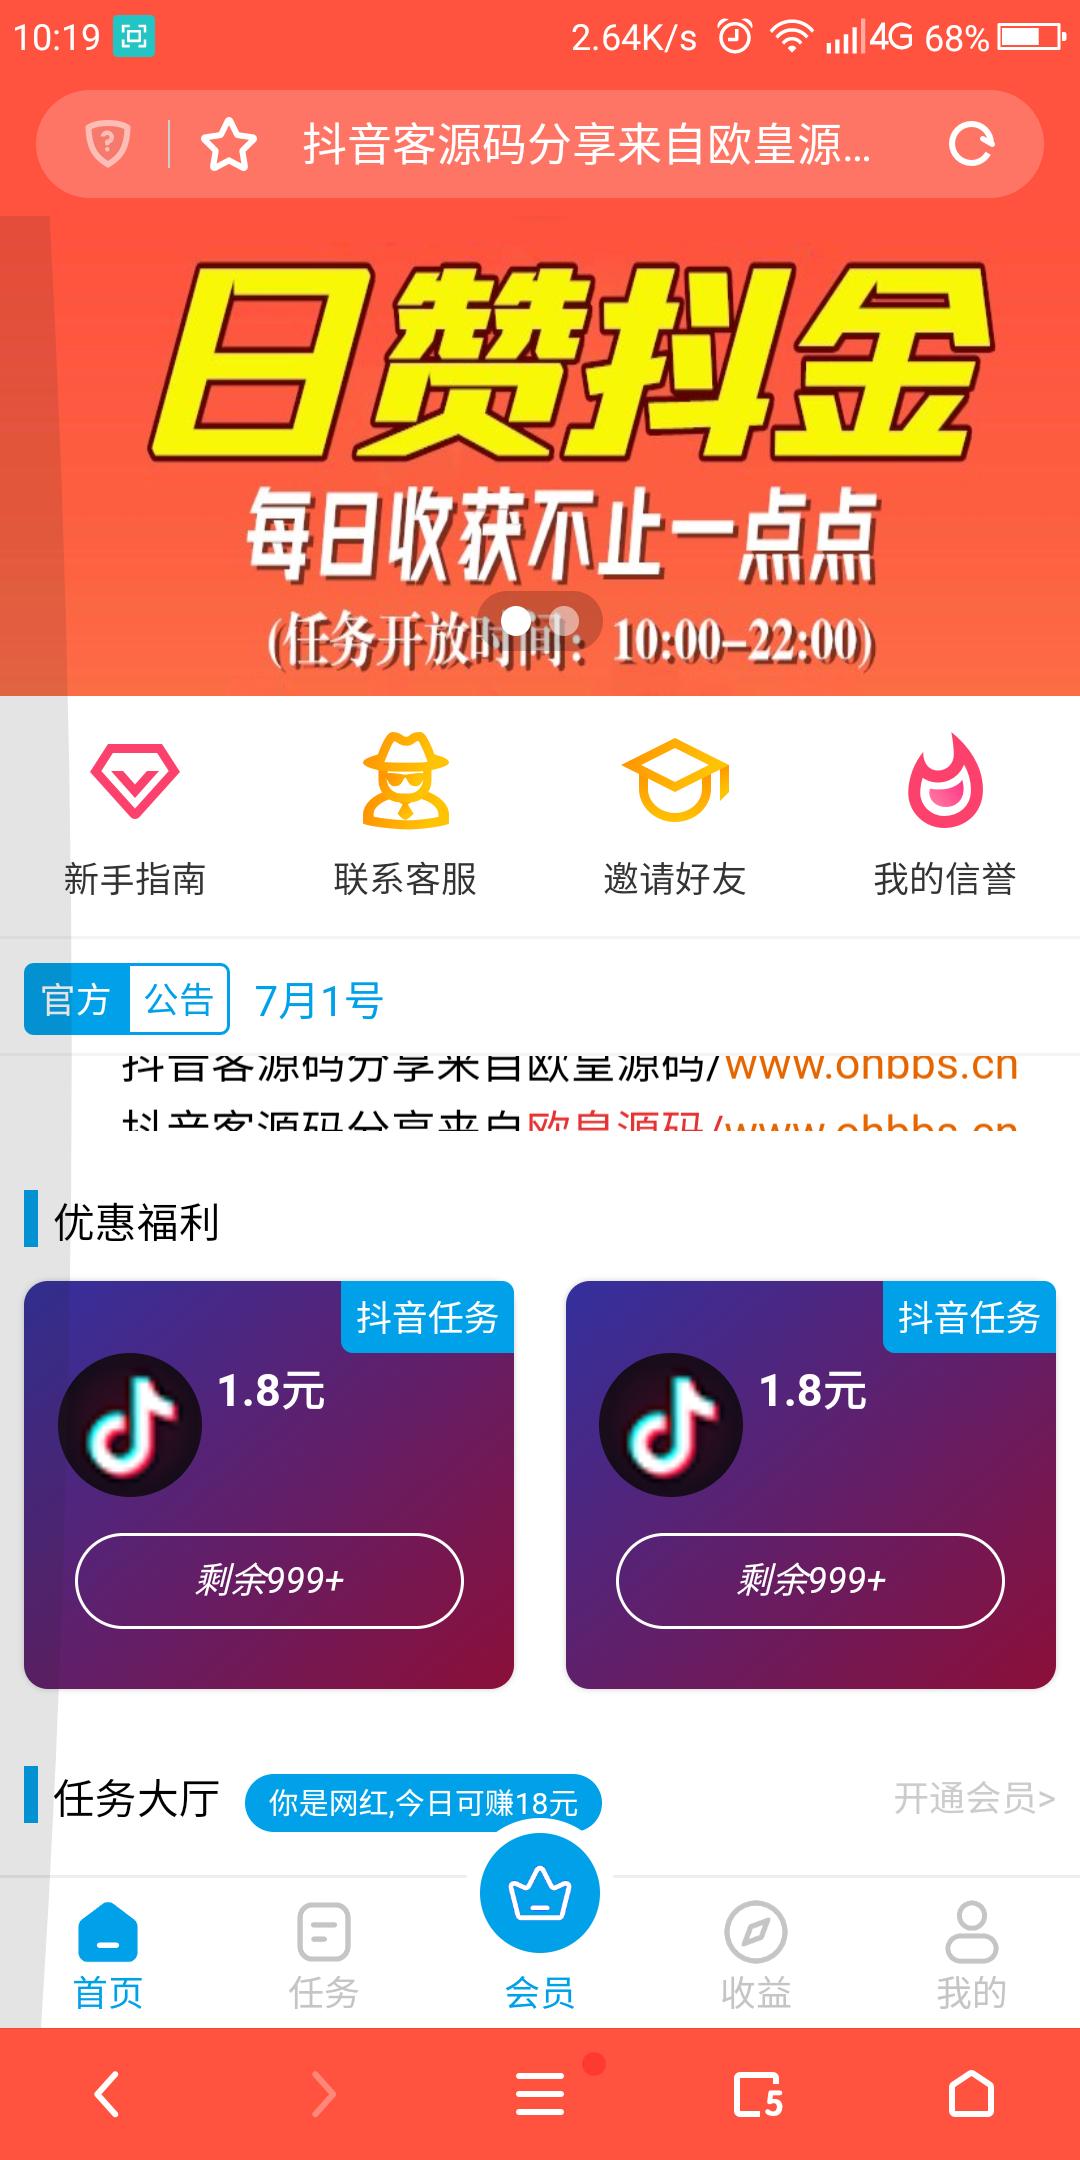 抖音客新版UI短视频点赞任务系统完美运营级别[等级功能+信誉积分+保证金]